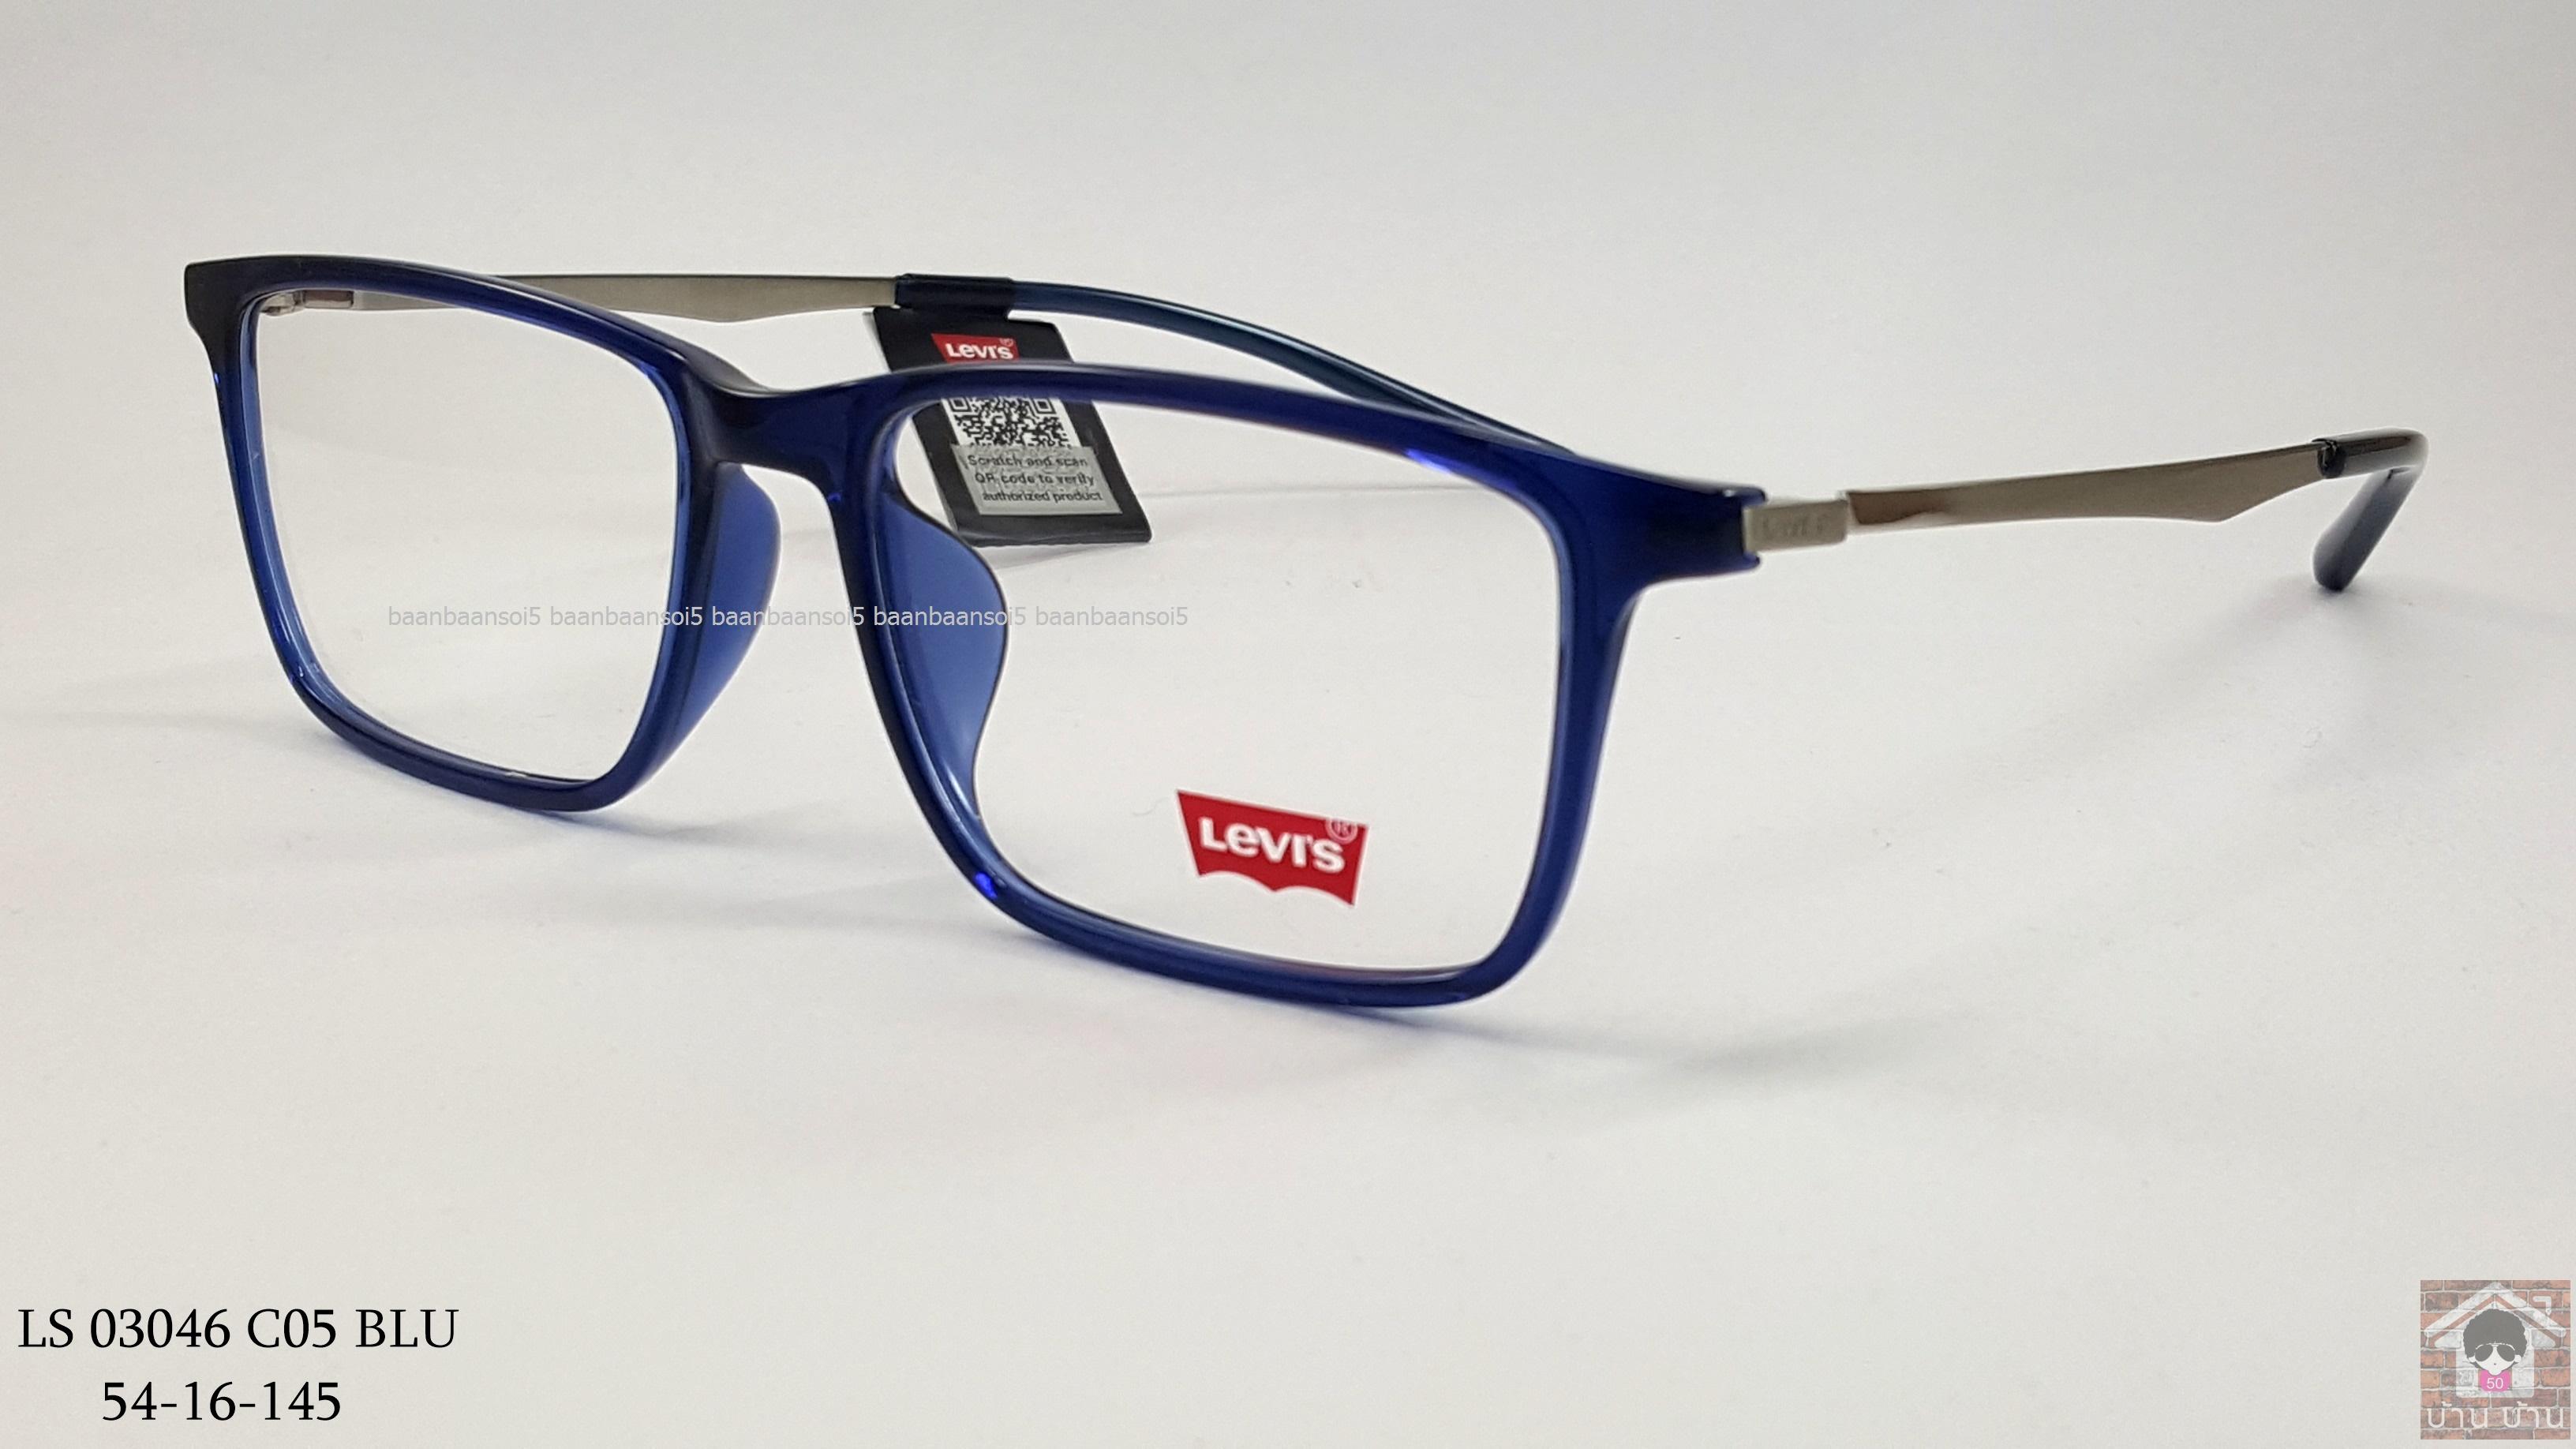 Levi's LS 03046 c05 โปรโมชั่น กรอบแว่นตาพร้อมเลนส์ HOYA ราคา 3,200 บาท